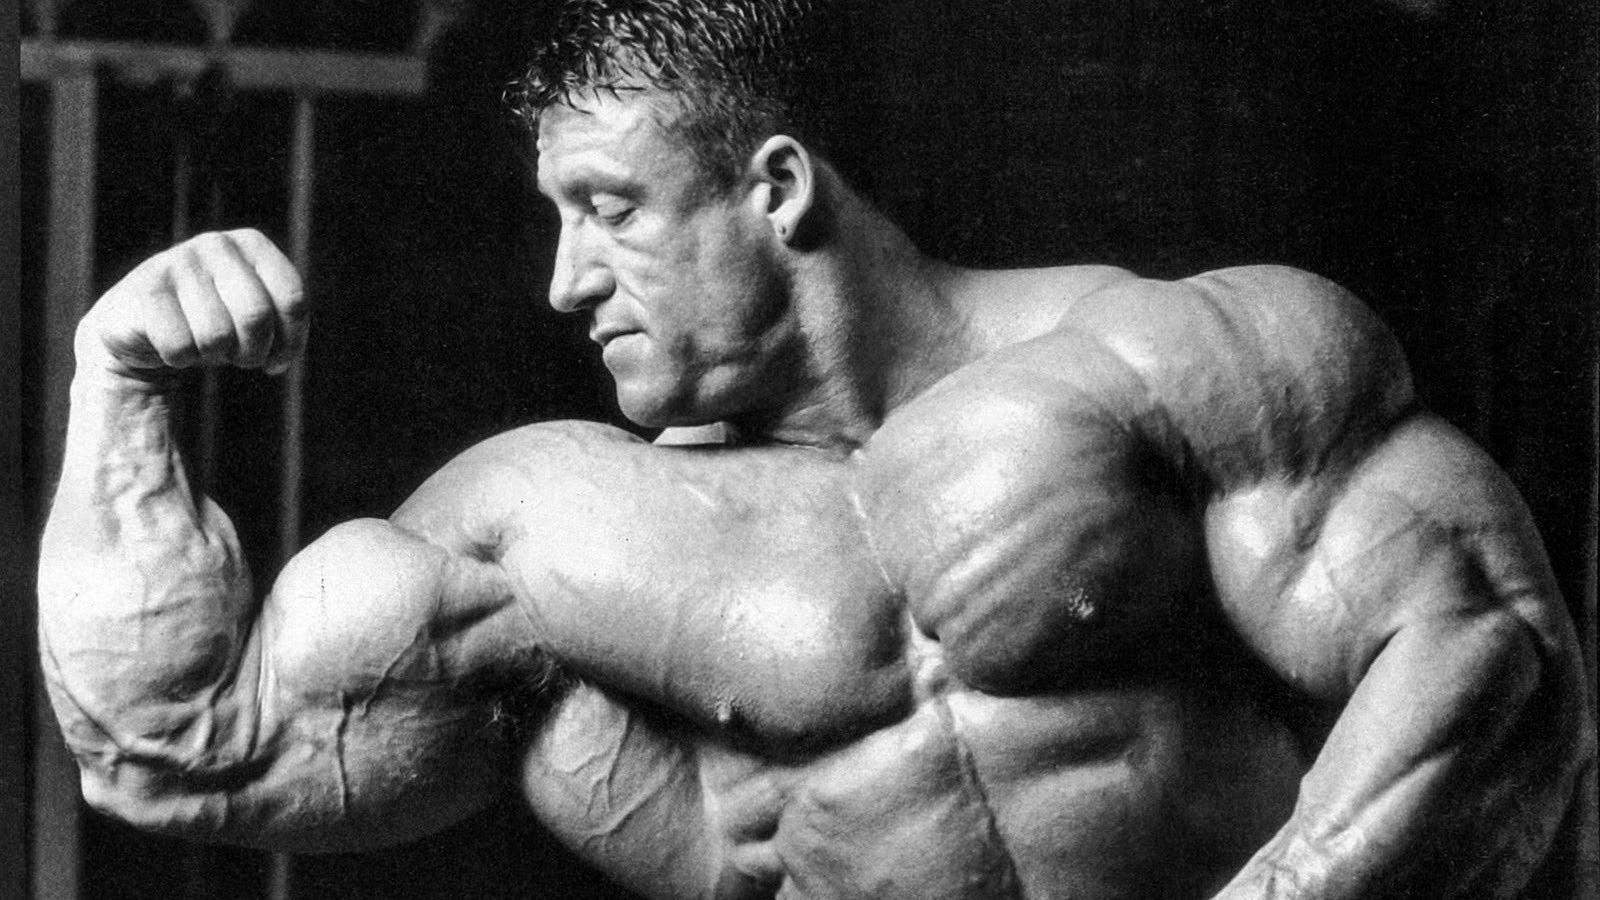 Сколько мышц можно вырастить без использования стероидов – зожник  сколько мышц можно вырастить без использования стероидов – зожник